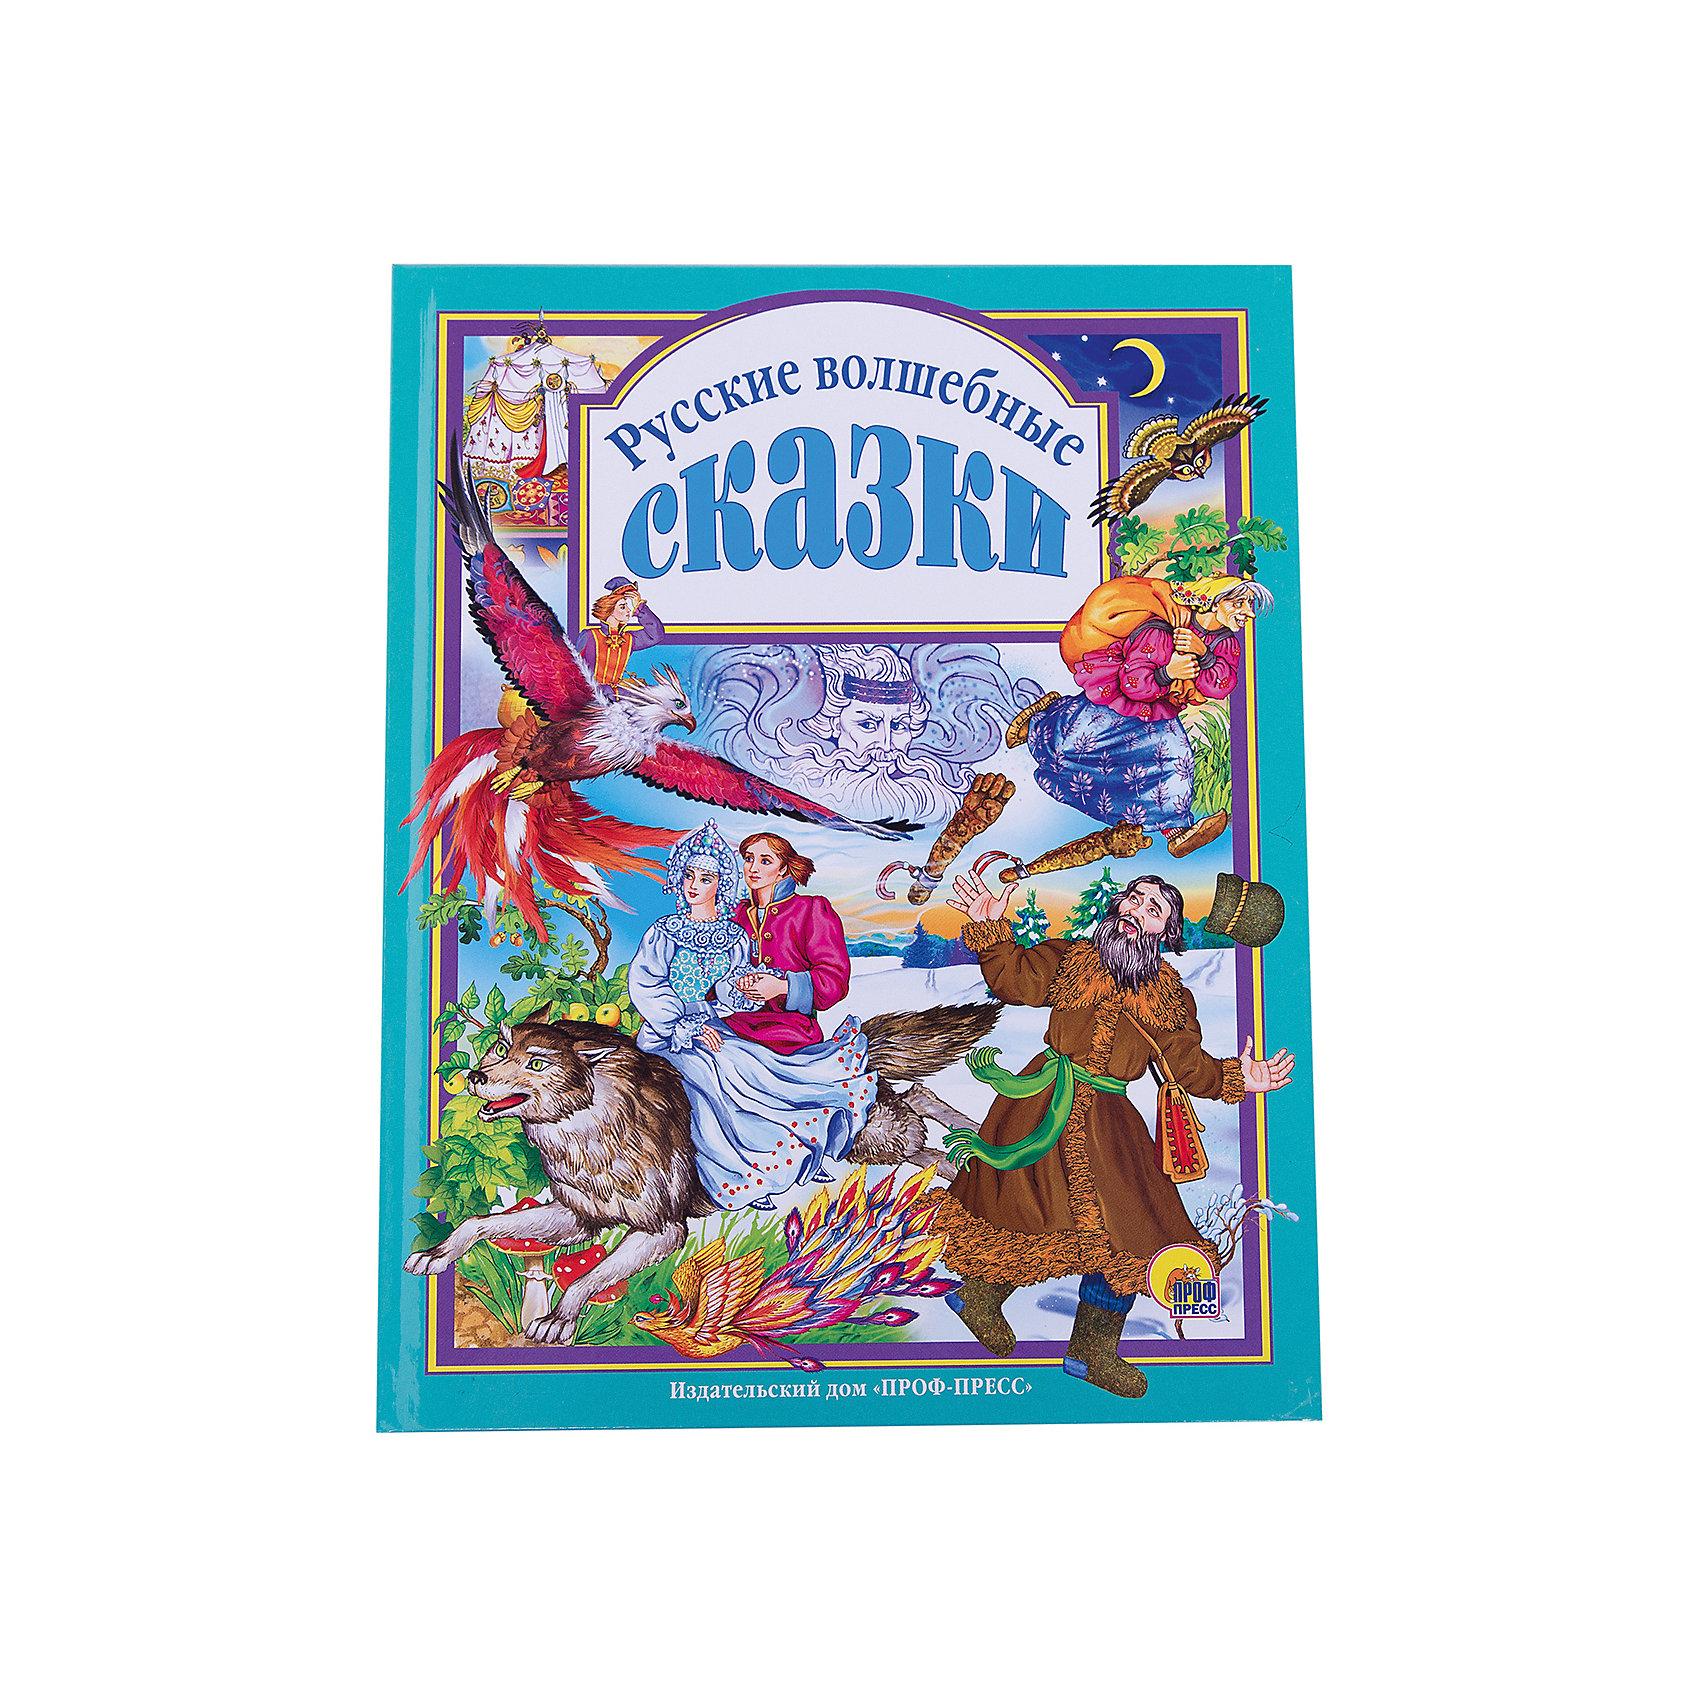 Русские волшебные сказкиСказки<br>Данная серия собрала сказки, проверенные многими поколениями, которые понравятся и современным детям. Книги - это лучший подарок не только взрослым, они помогают детям познавать мир и учиться читать, также книги позволяют ребенку весело проводить время. Они также стимулируют развитие воображения, логики и творческого мышления.<br>Это издание очень красиво оформлено, в него вошли самые интересные сказки. Яркие картинки обязательно понравятся малышам! Книга сделана из качественных и безопасных для детей материалов. Содержание: «Иван-царевич и серый волк», «Терёшечка», «Мальчик-с-пальчик», «Сказка о молодильных яблоках и живой воде», «Василиса Прекрасная» и многие другие.<br>  <br>Дополнительная информация:<br><br>размер: 200х265 мм;<br>вес: 441 г.<br><br>Книгу Русские волшебные сказки от издательства Проф-Пресс можно купить в нашем магазине.<br><br>Ширина мм: 200<br>Глубина мм: 13<br>Высота мм: 265<br>Вес г: 441<br>Возраст от месяцев: 0<br>Возраст до месяцев: 60<br>Пол: Унисекс<br>Возраст: Детский<br>SKU: 4787330